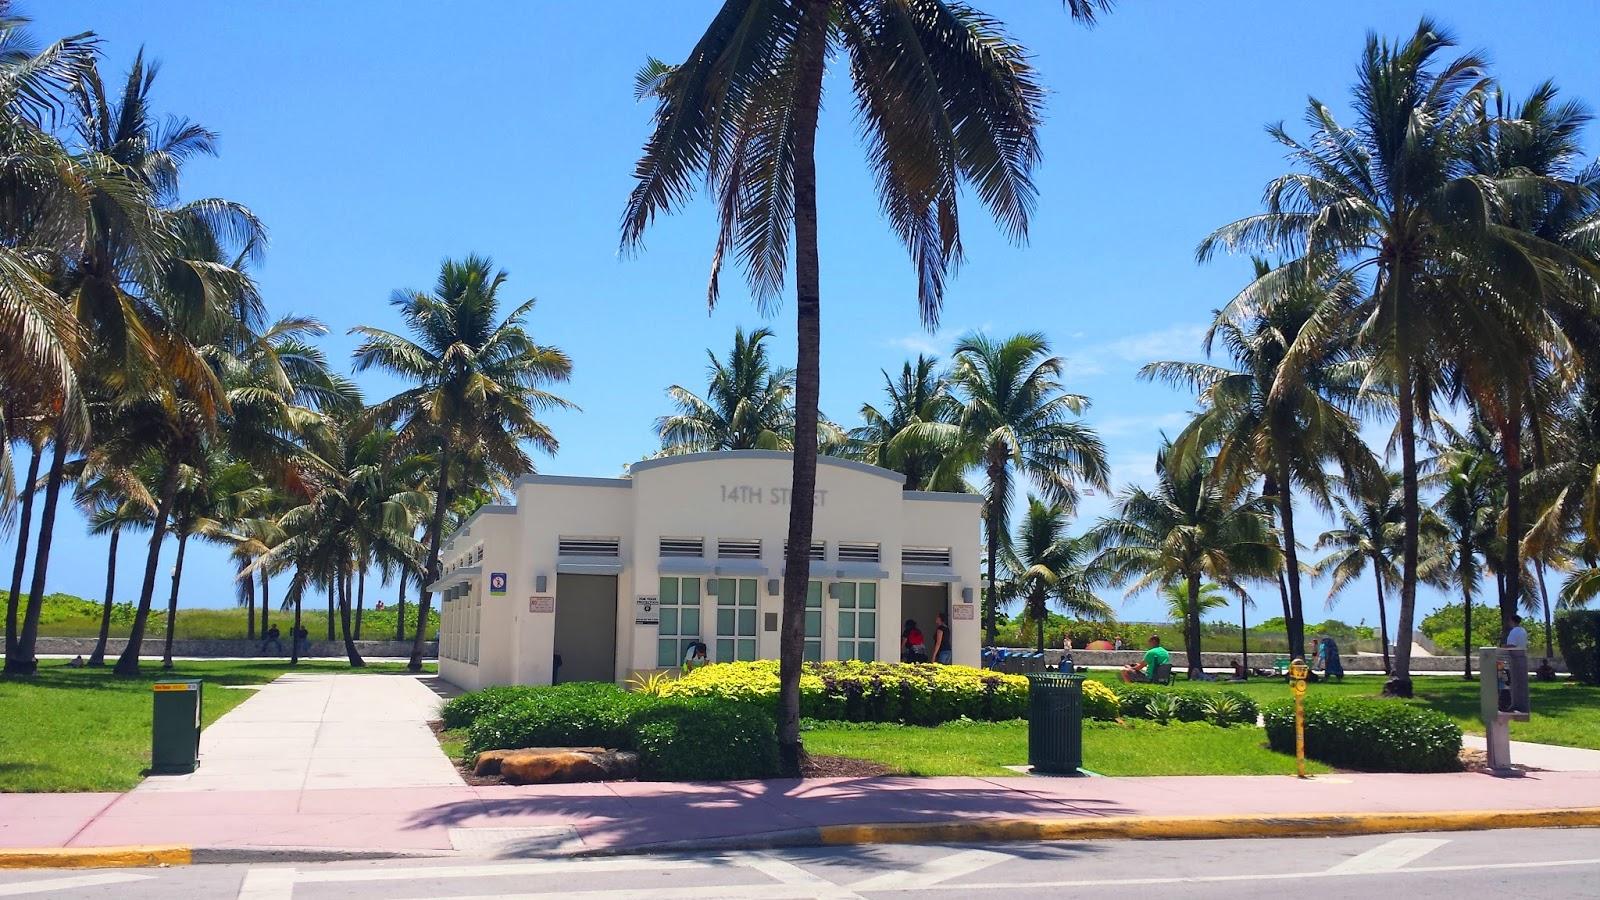 Programas baratos em Miami, Flórida